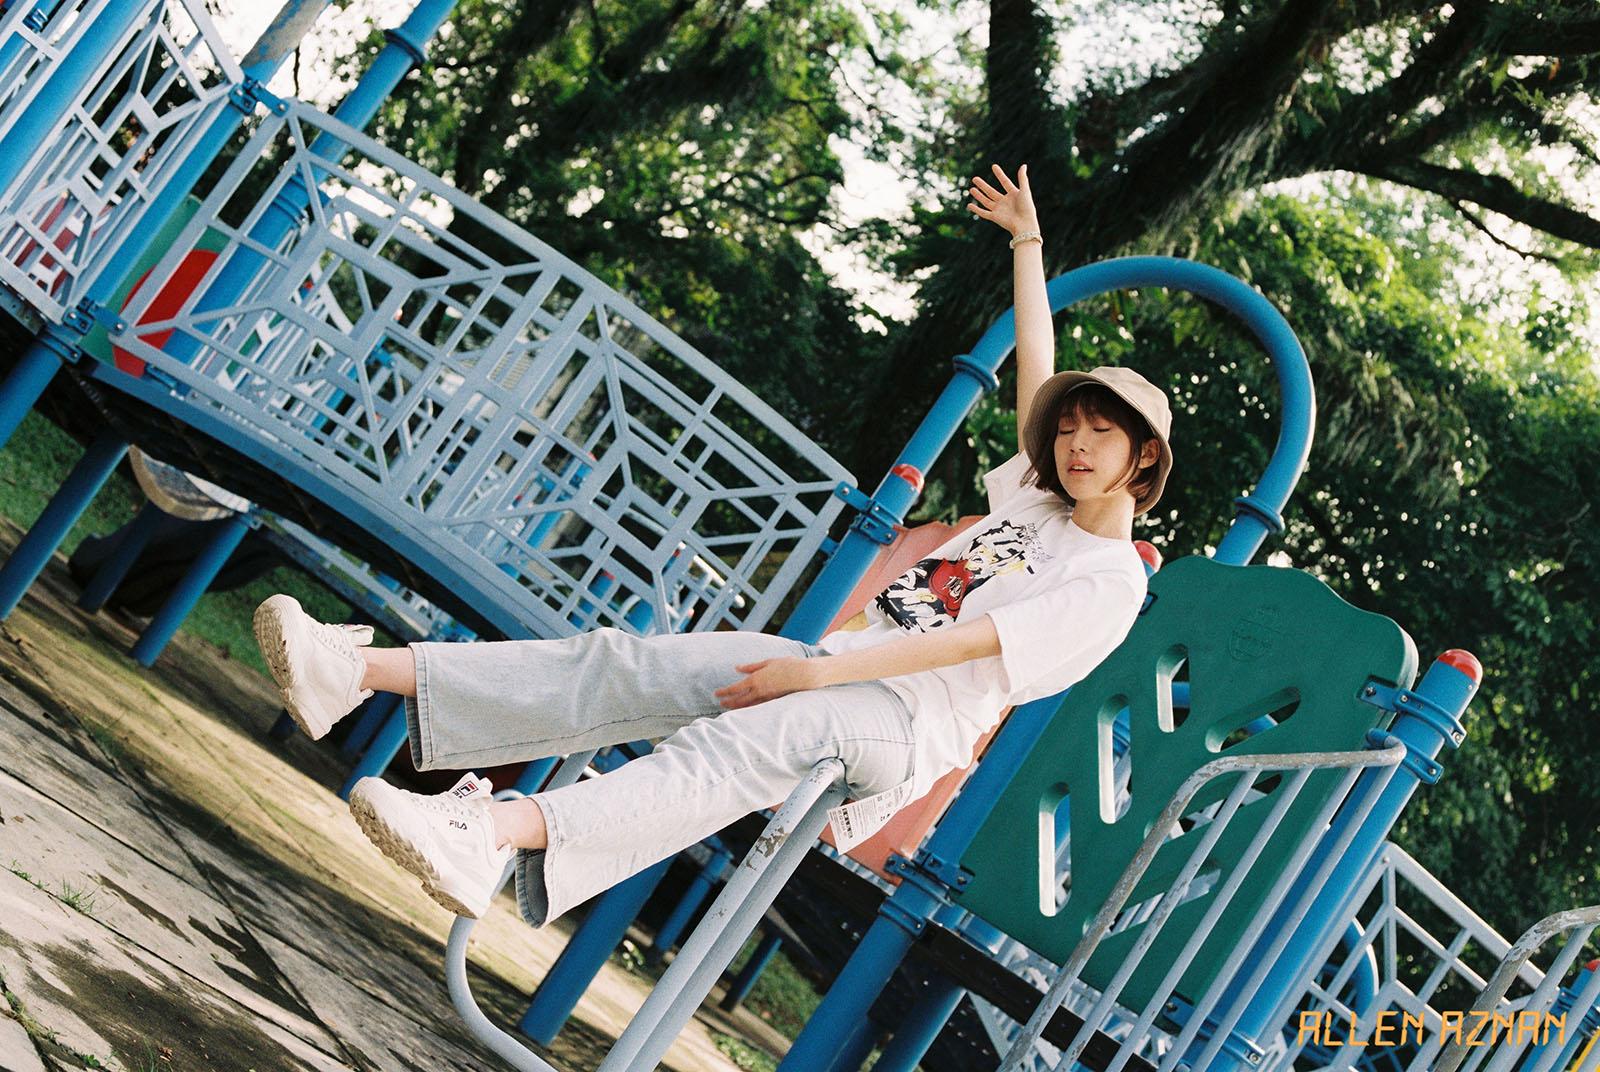 Celine Yan | Playground Legend (Film)